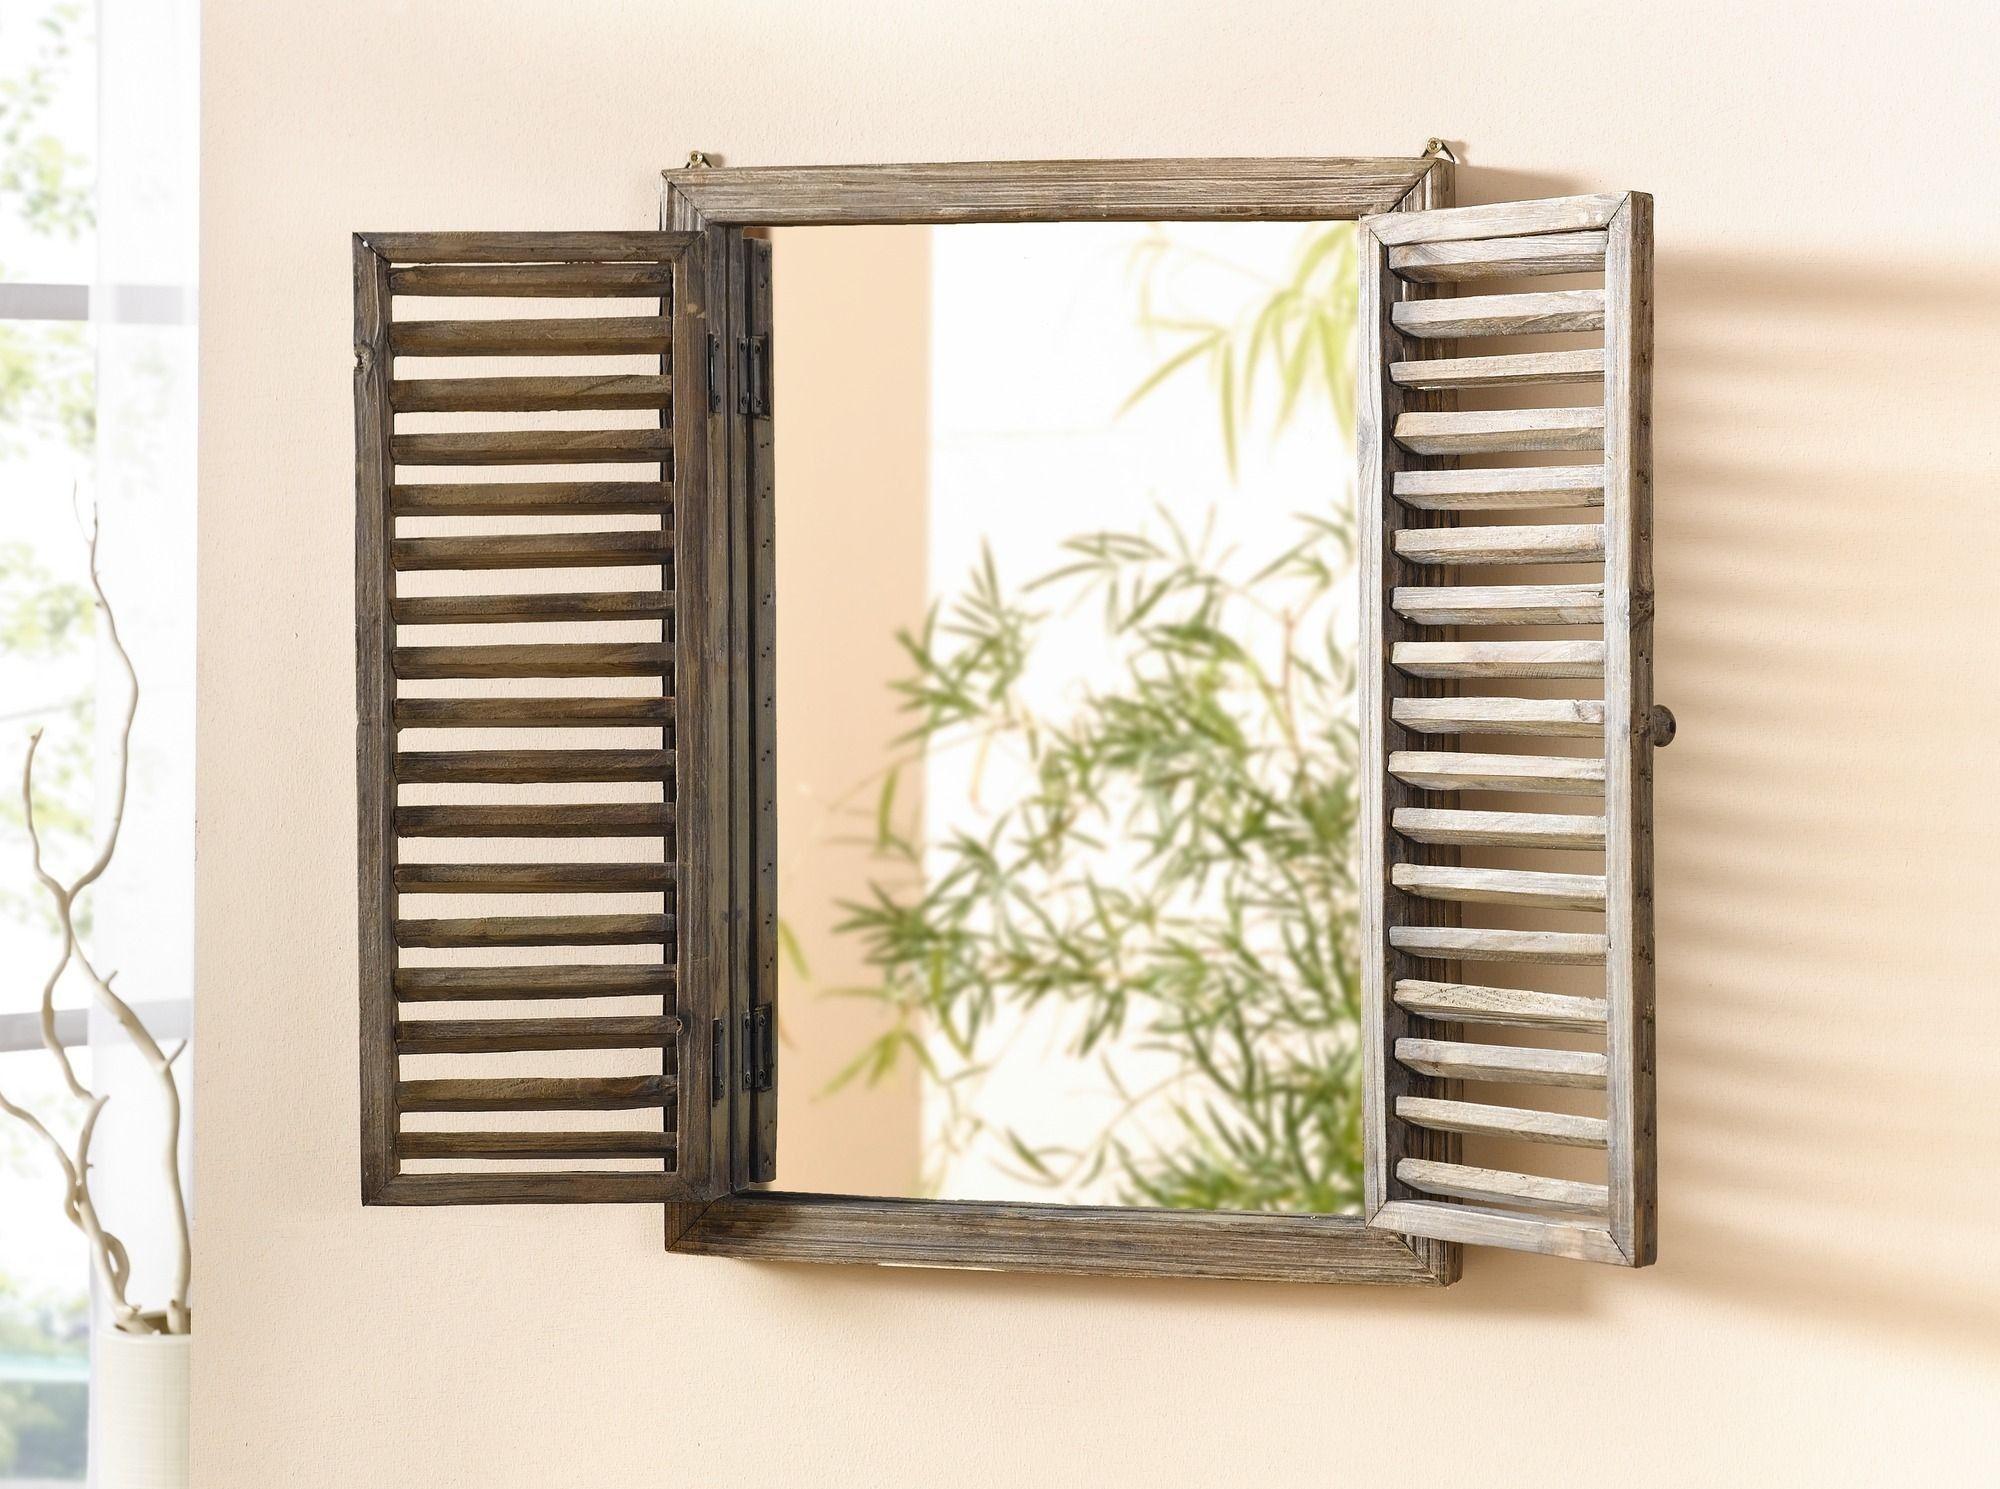 Holz spiegel fenster wohnambiente shop badezimmer for Spiegel badezimmer holz